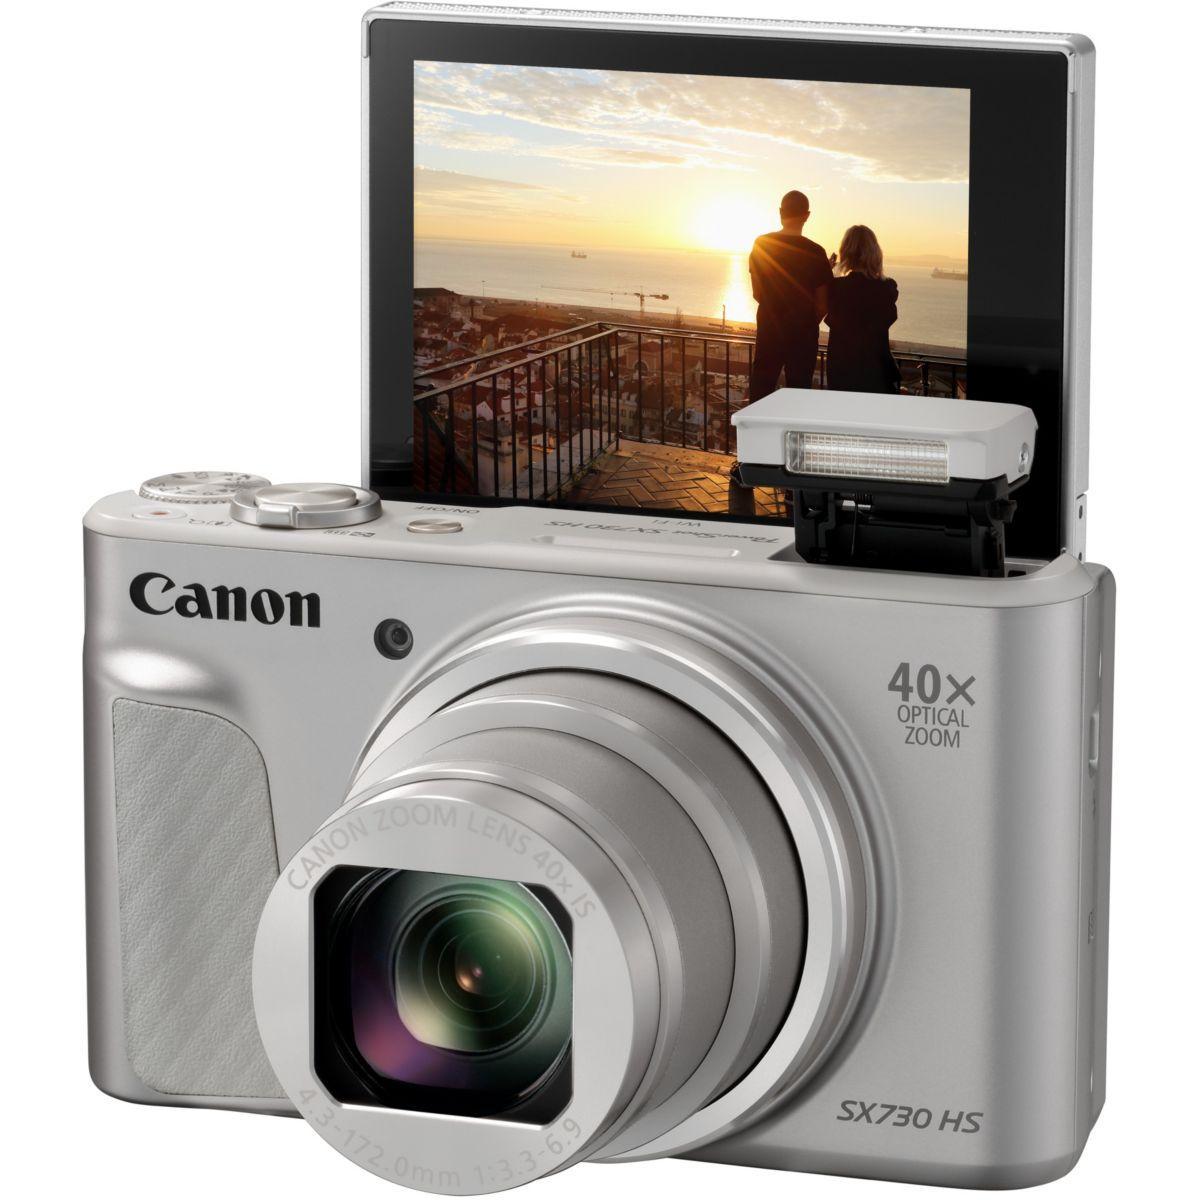 Appareil photo compact canon powershot sx730 hs argent (photo)